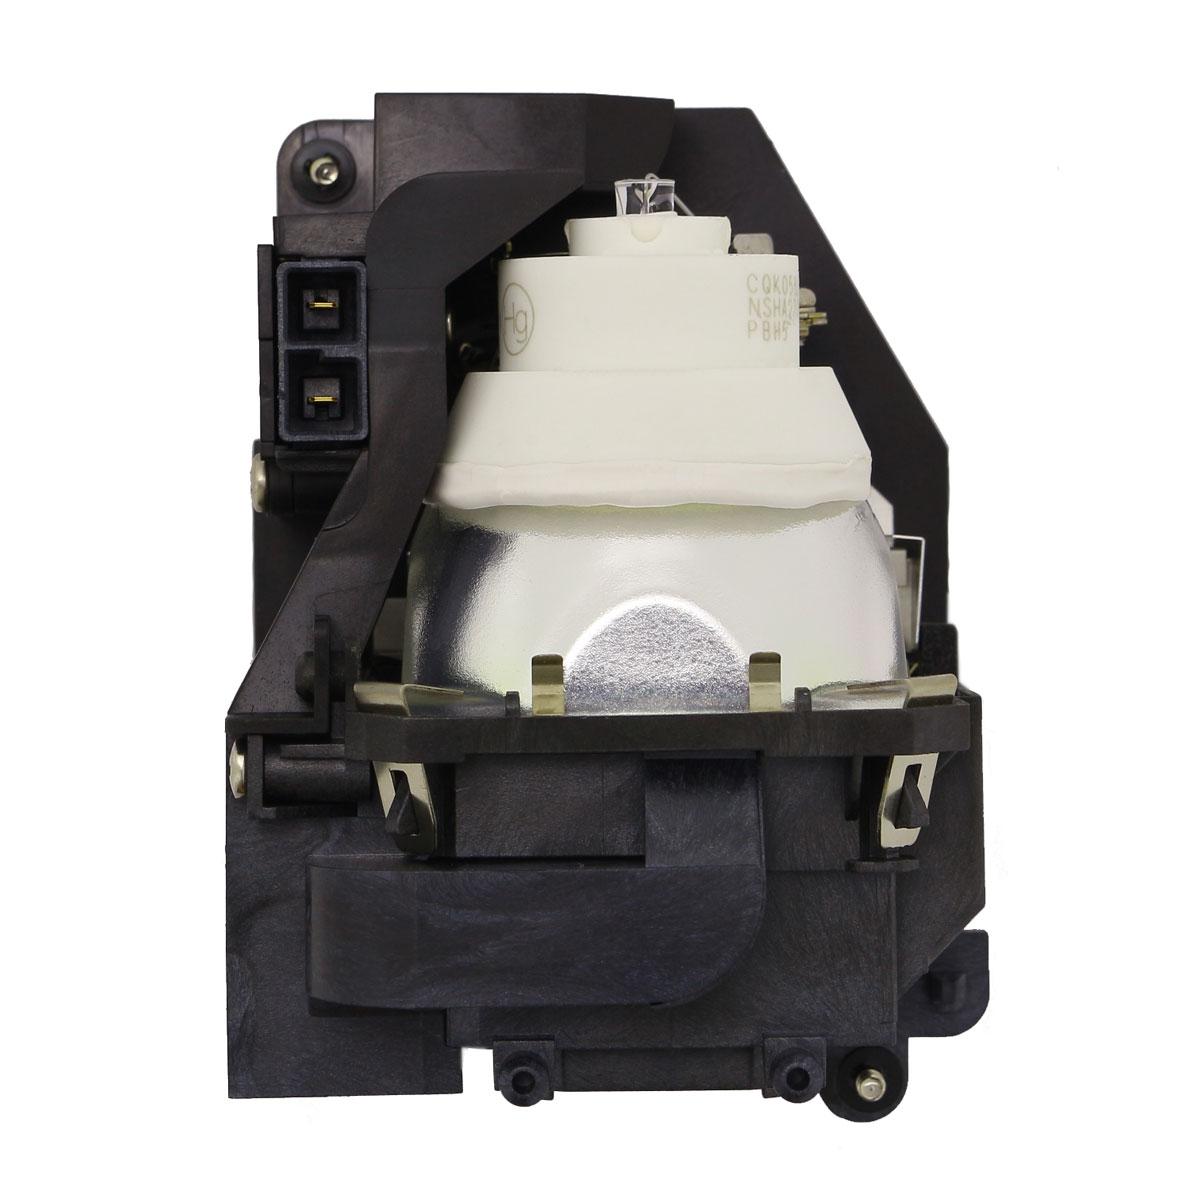 Lutema Platinum lampe pour NEC NP-P501XJL Projecteur (ampoule Philips originale) - image 2 de 5